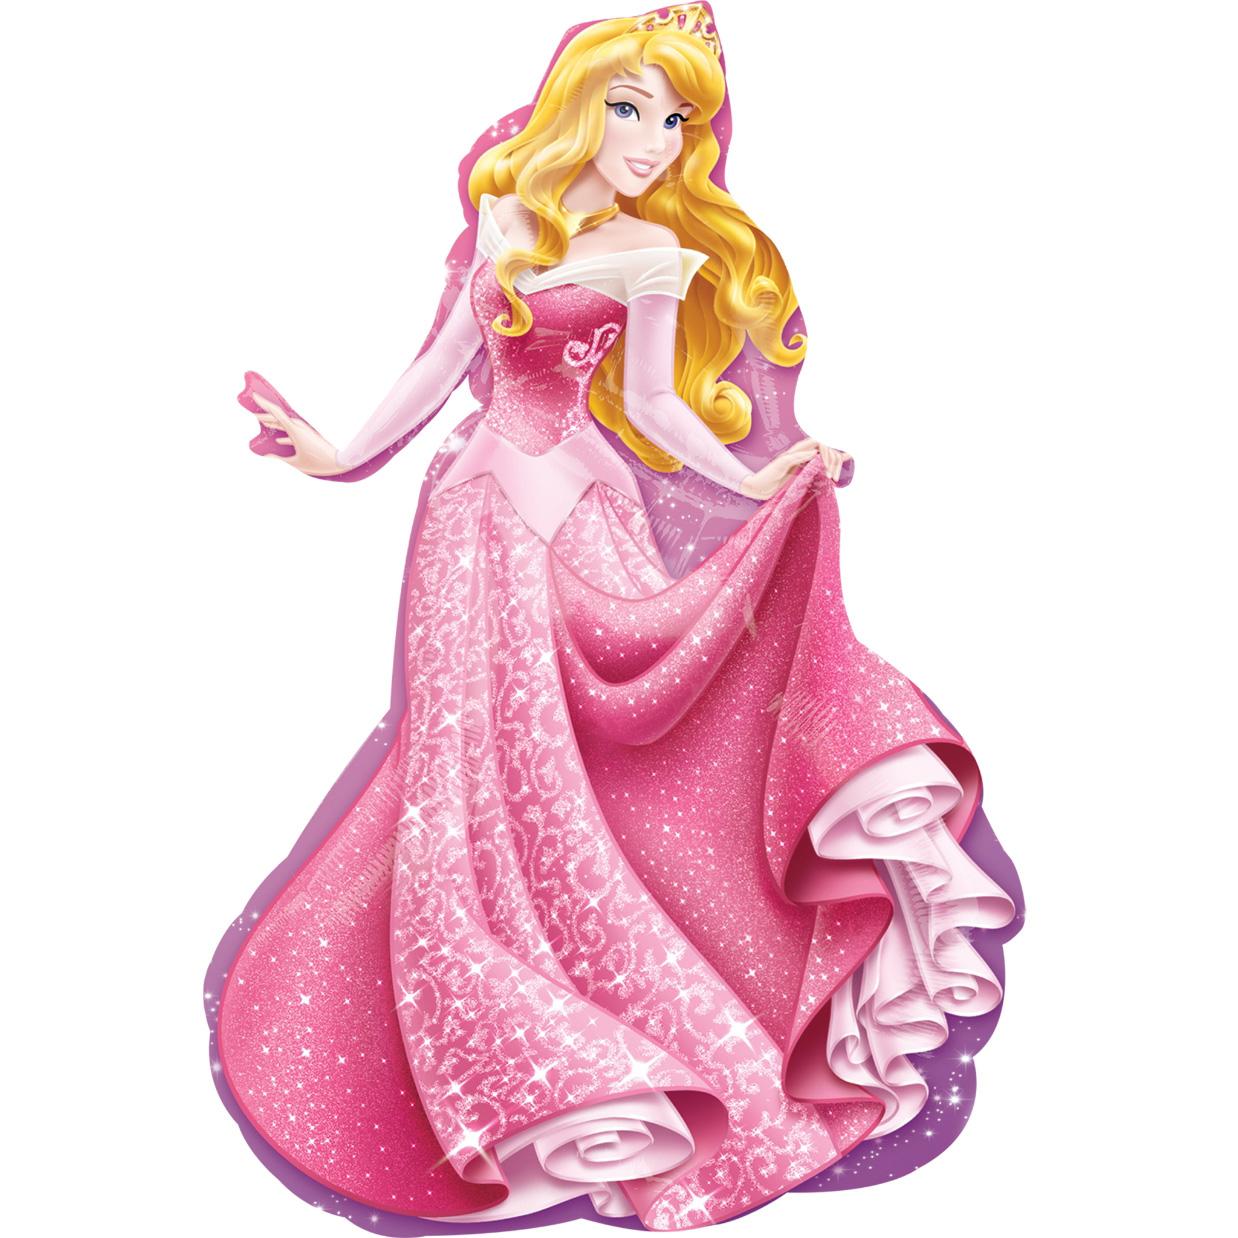 """Фольгированная фигура """"Принцесса Аврора"""", Розовый (86 см)"""